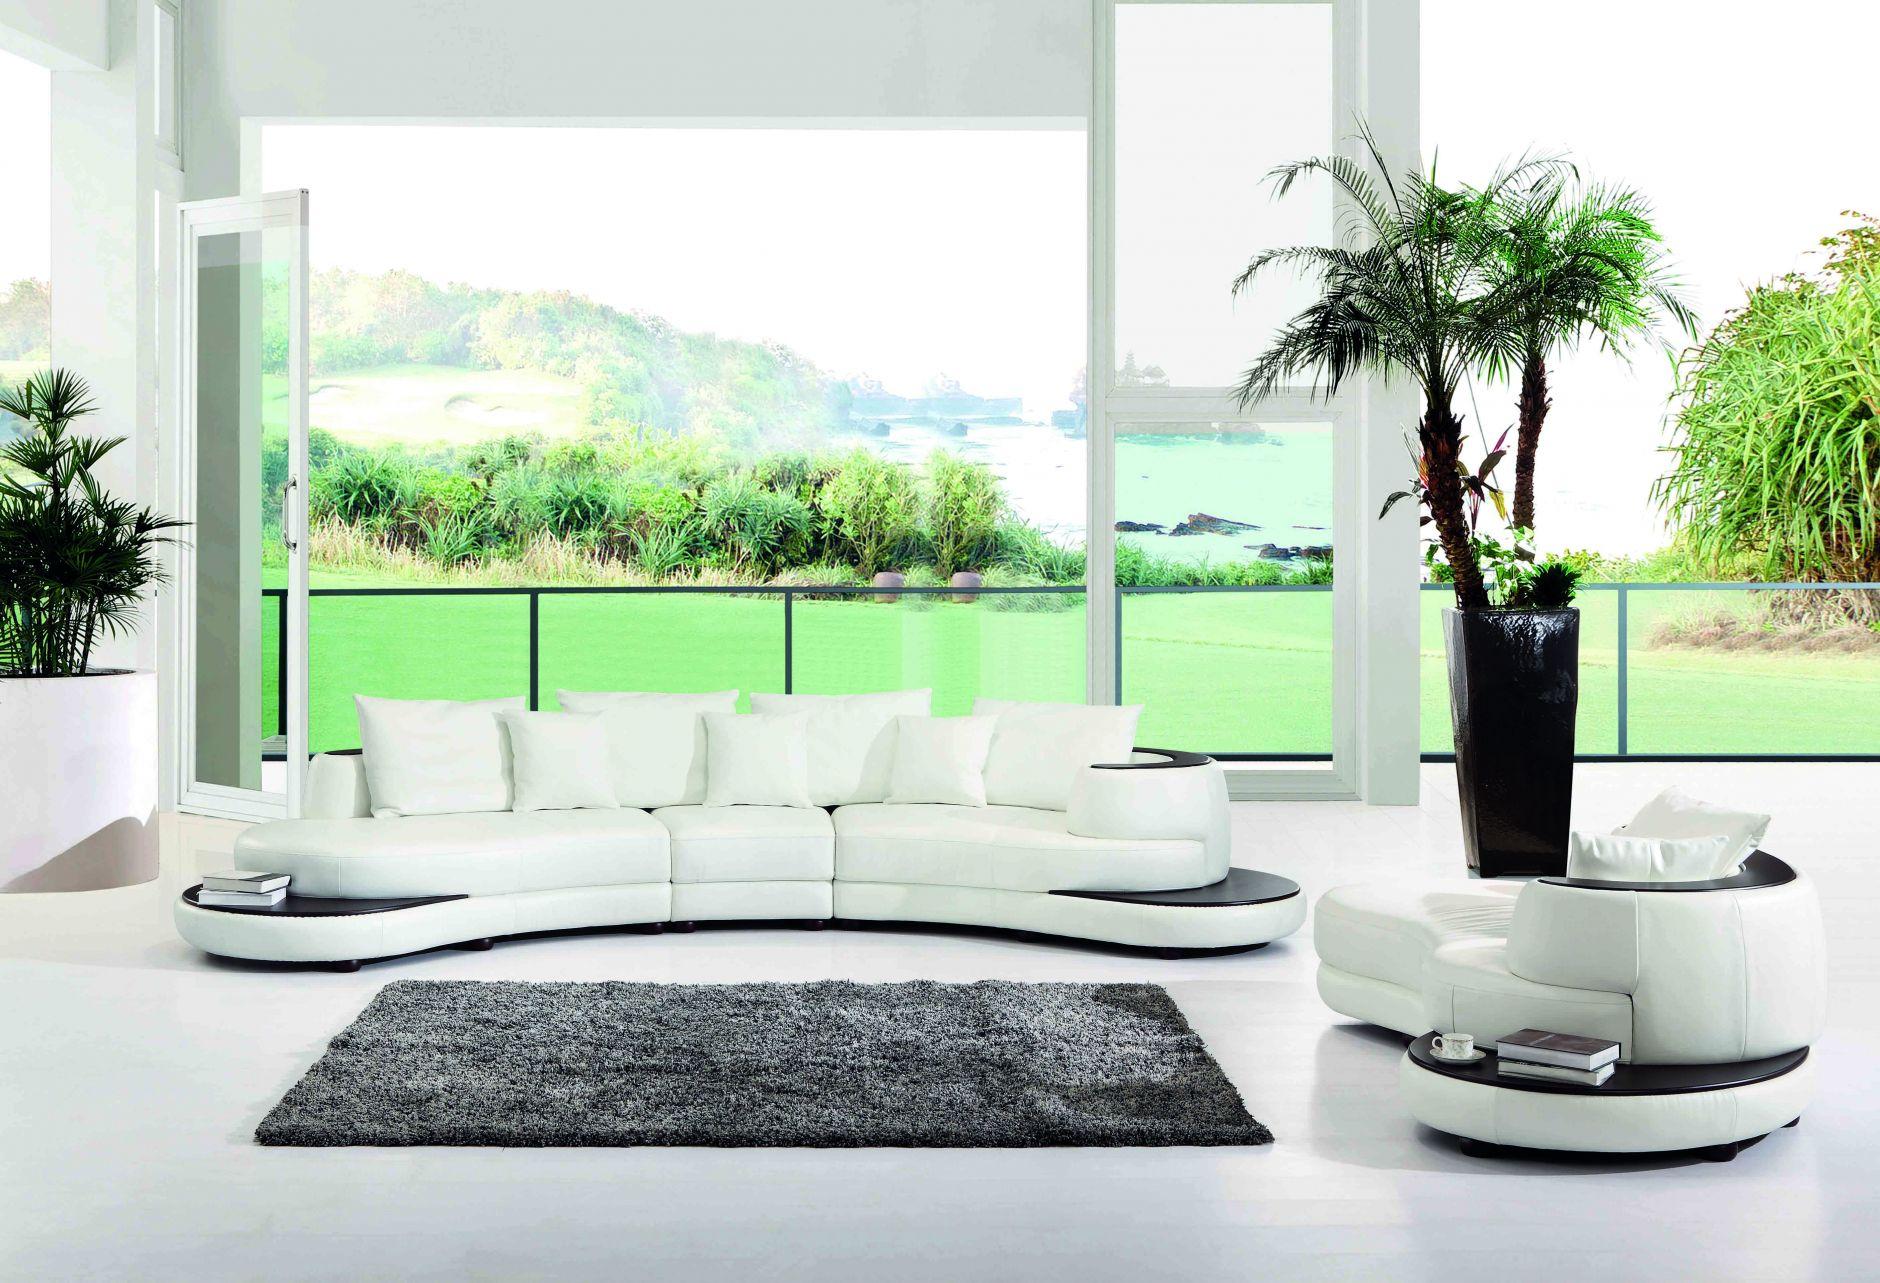 Sofa sectionnel sofa sectionnel 109les meubles de l 39 italie for Meuble leon divan sectionnel